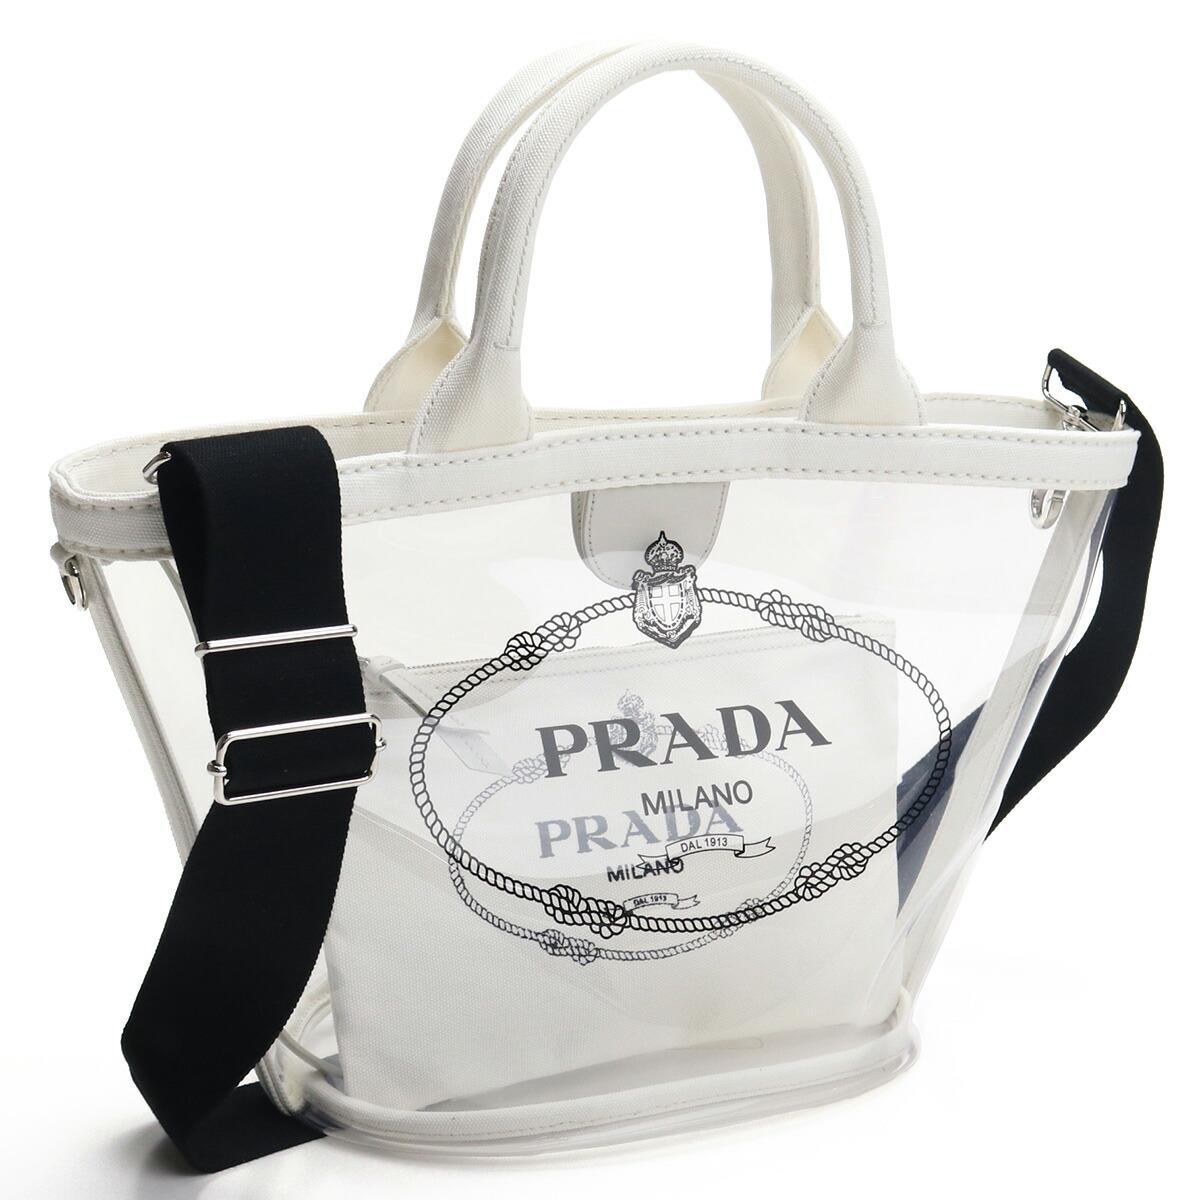 プラダ PRADA トートバッグ 1BG187 2BY5 V OOO F0009 BIANCO ホワイト系 クリア bos-08 bag-01 レディース